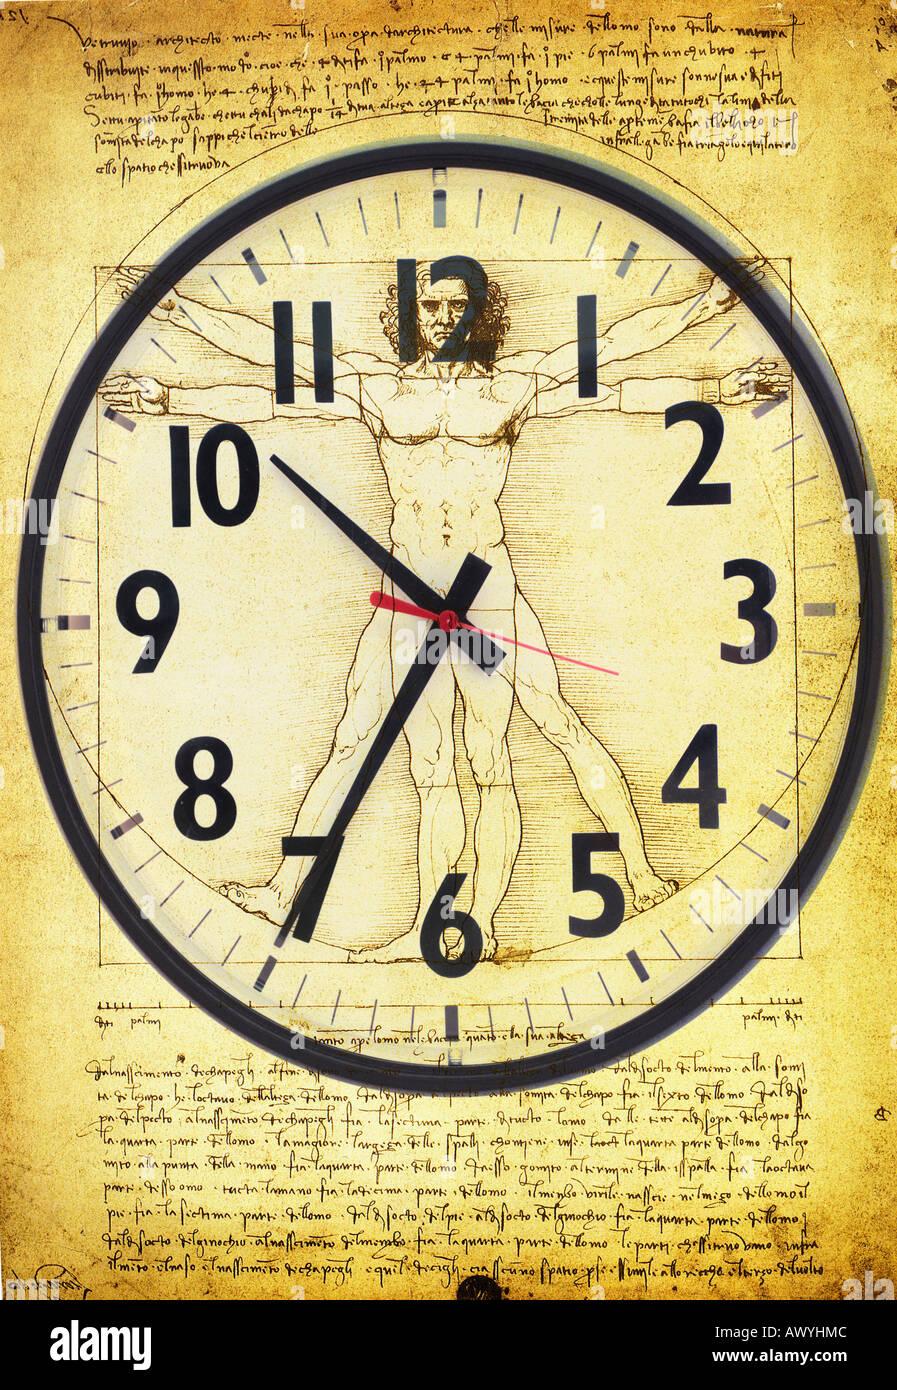 Resultado de imagen para da vinci clock